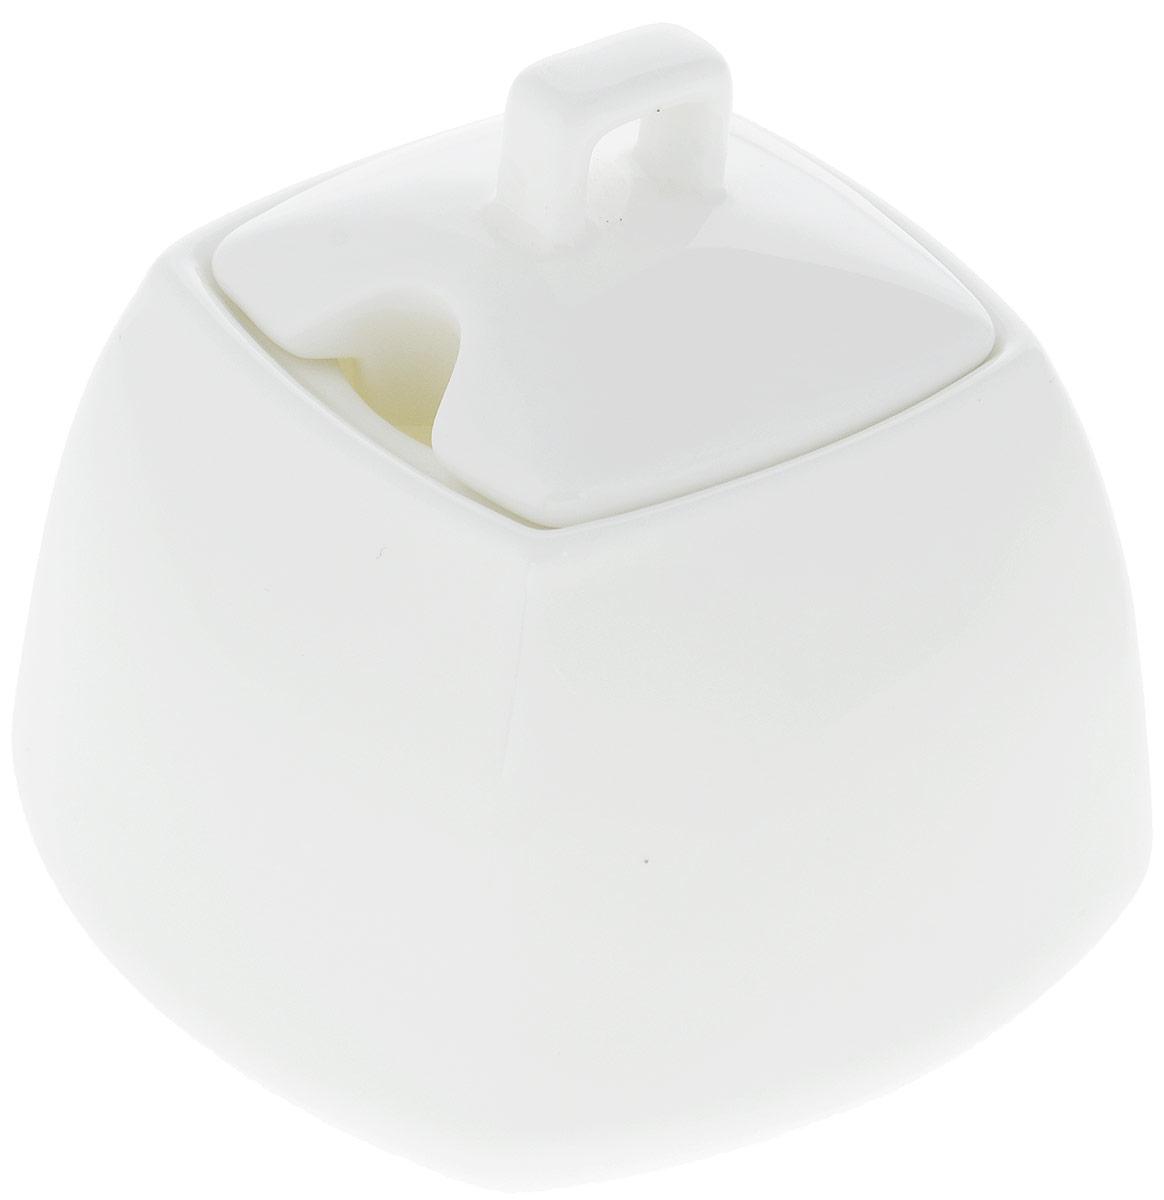 Сахарница Wilmax, 340 мл. WL-995026 / 1CWL-995026 / 1CСахарница Wilmax выполнена из высококачественного фарфора с глазурованным покрытием.Изделие имеет элегантную форму и может использоваться в качестве креманки.Сахарница Wilmax станет отличным дополнением к сервировке семейного стола и замечательным подарком для ваших родных и друзей.Можно мыть в посудомоечной машине и использовать в микроволновой печи. Размер (по верхнему краю): 6 х 6 см. Высота (без учета крышки): 7 см Диаметр отверстия: 4,5 см.